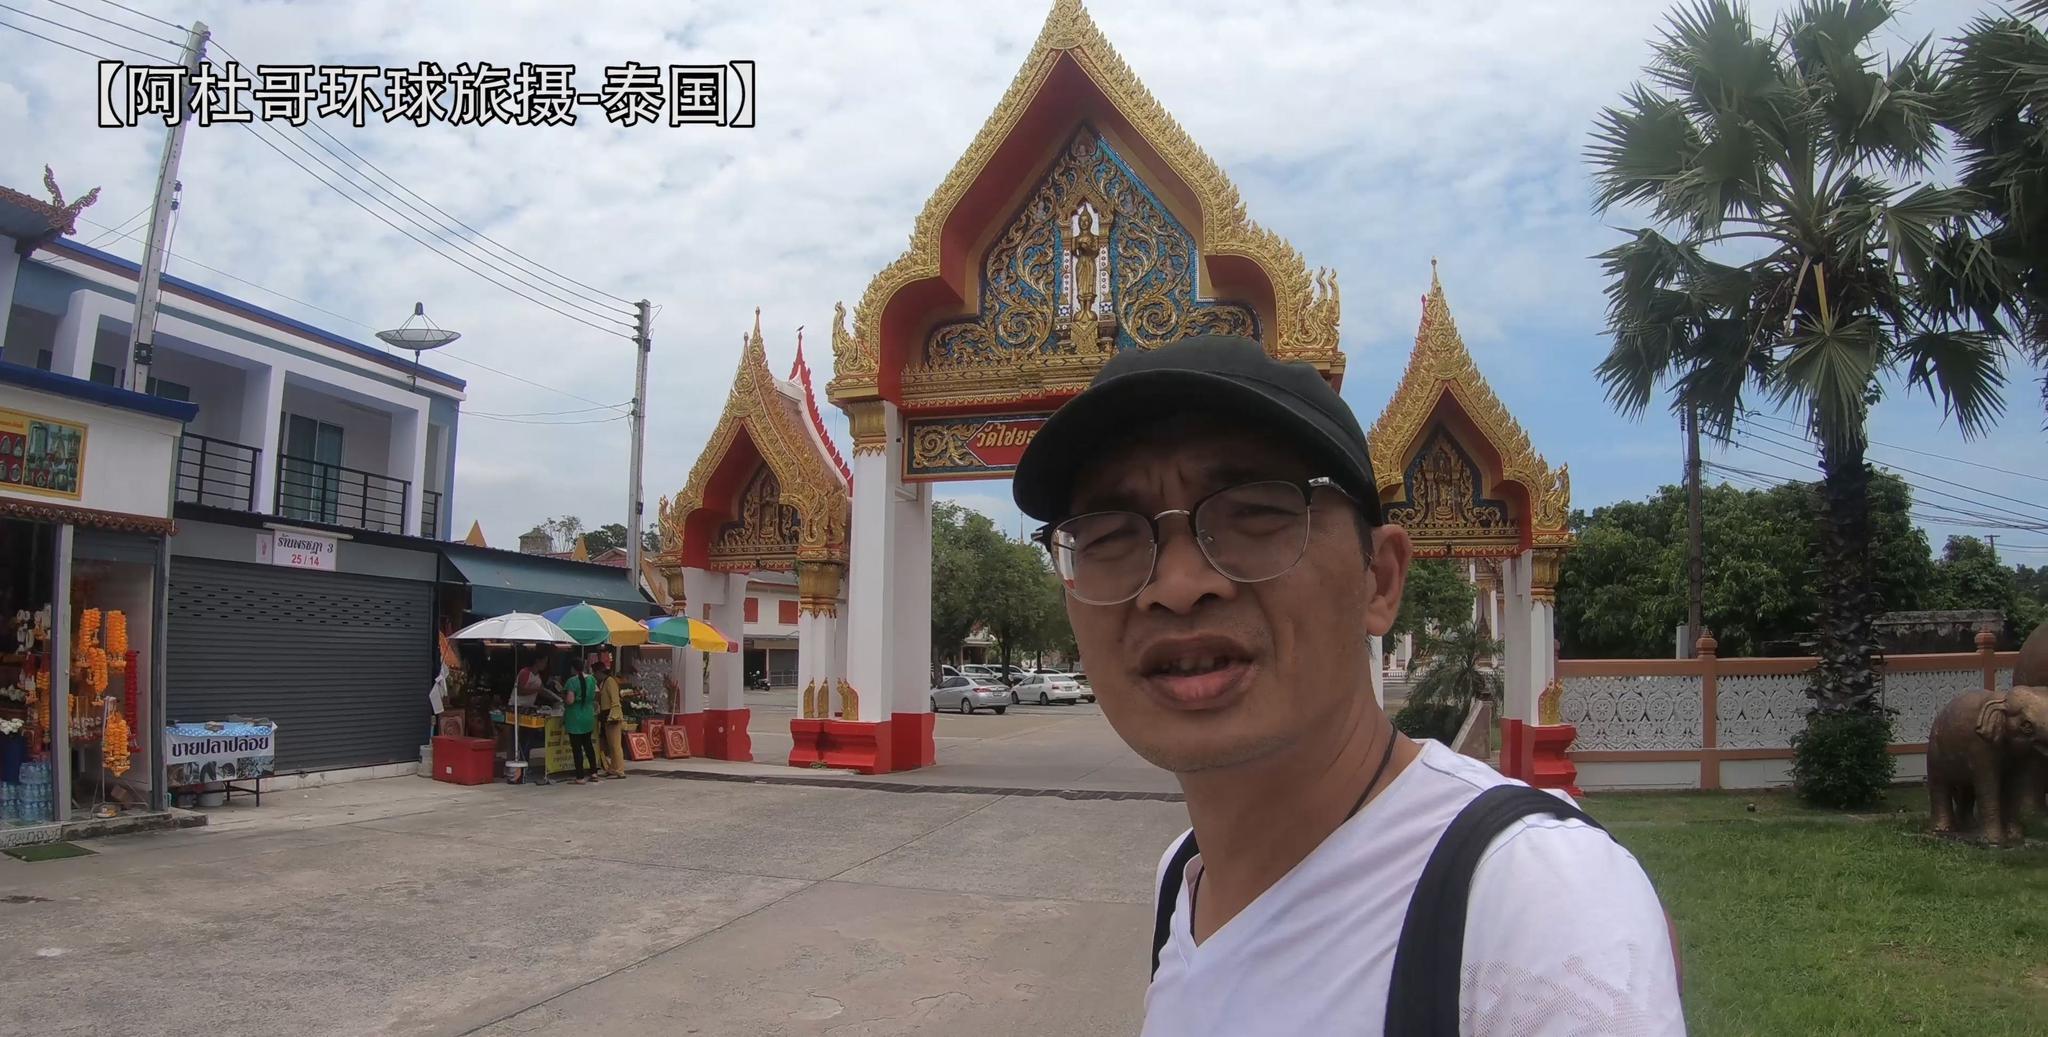 泰国普吉岛查龙寺,供奉着佛教圣僧肉体金身和舍利子,香火鼎盛